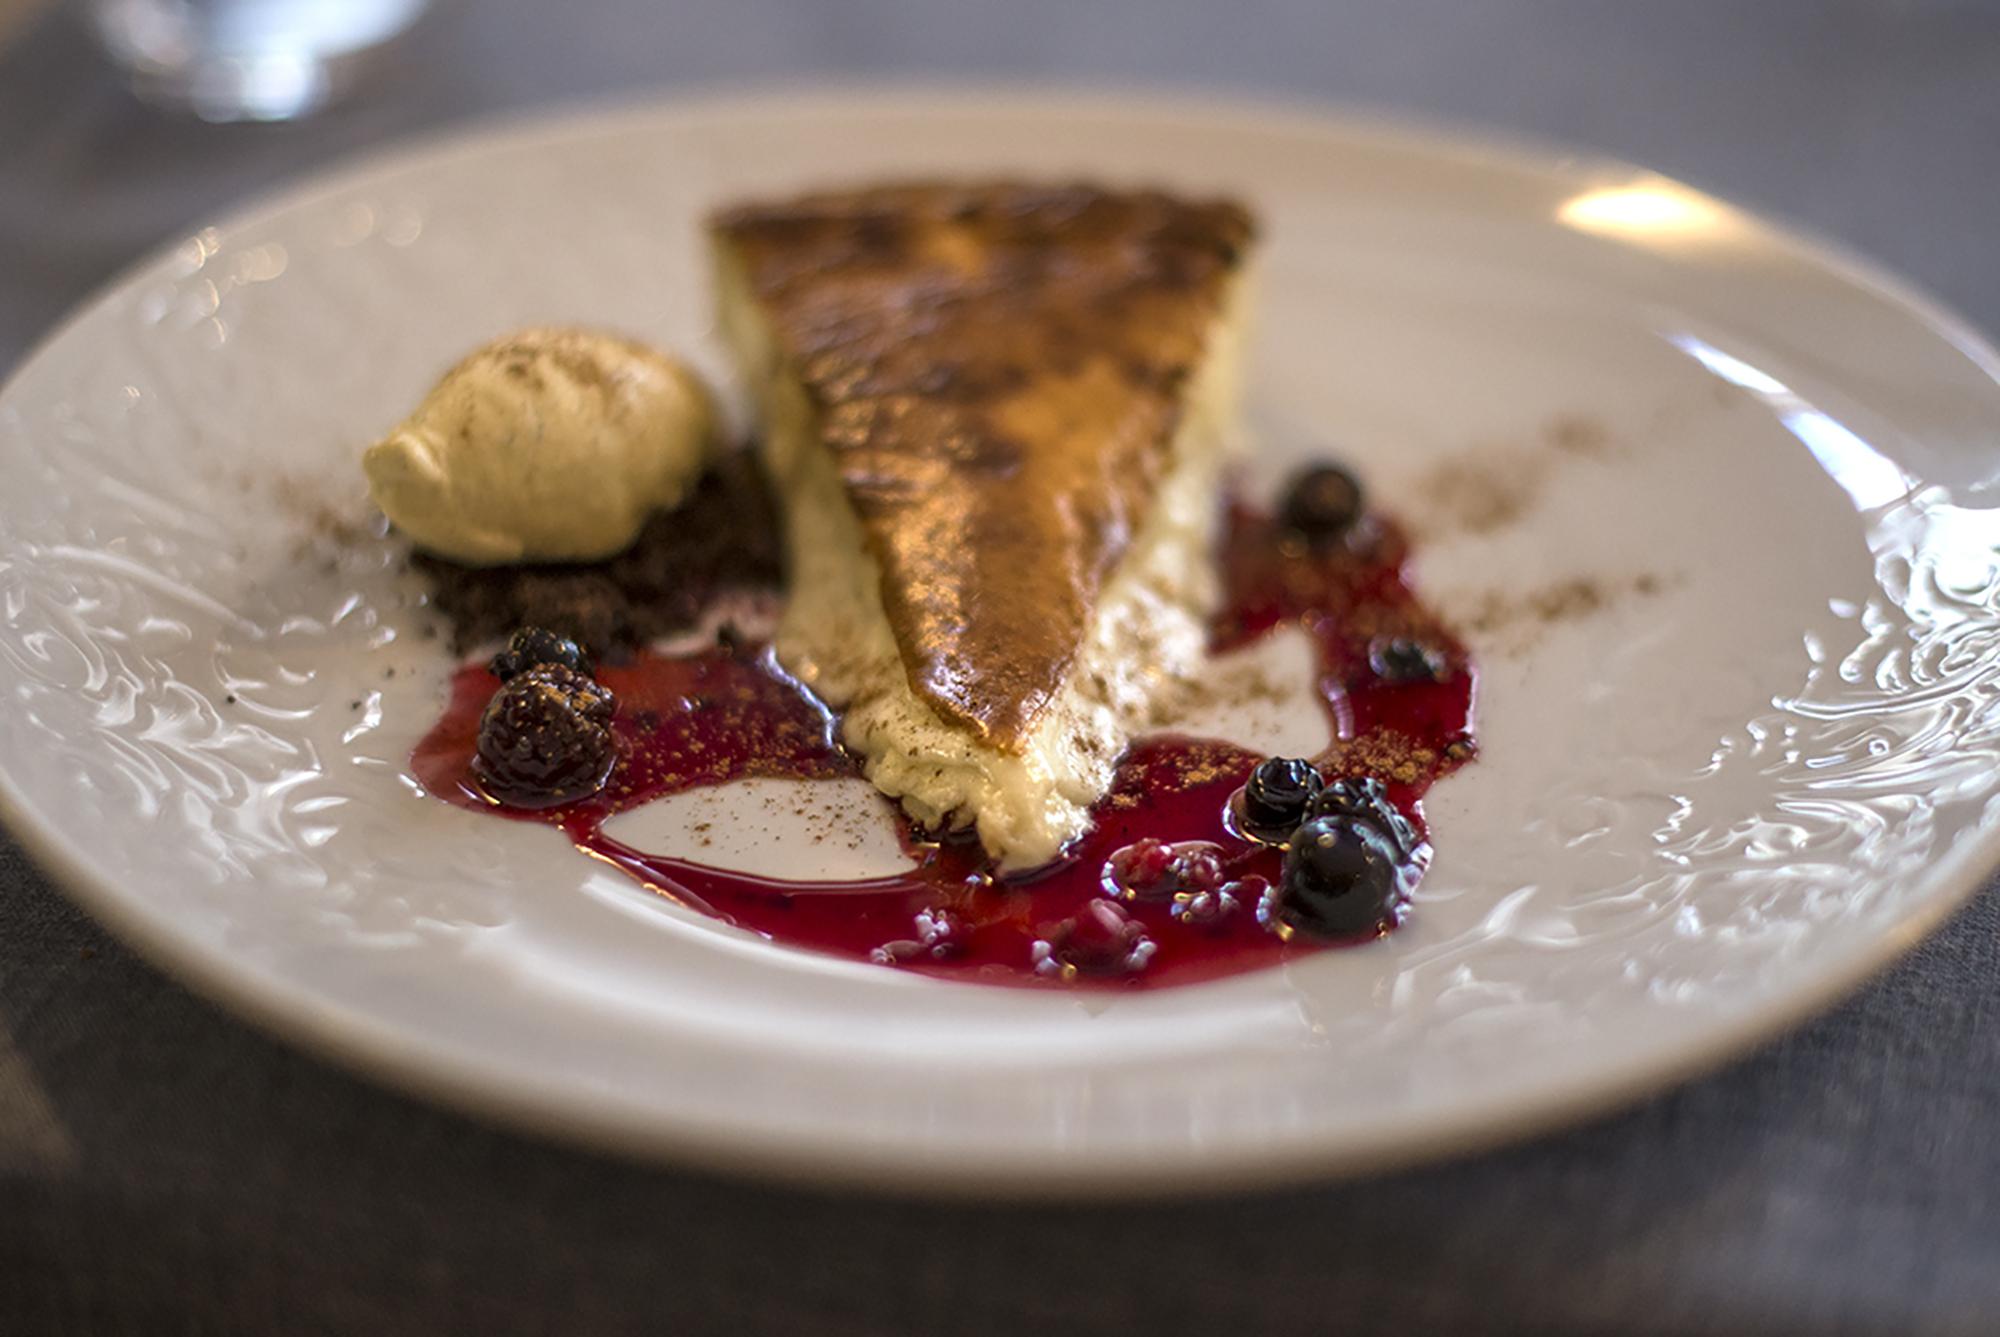 La tarta templada de 'Trasto' es todo un acierto para terminar con buen sabor de boca.